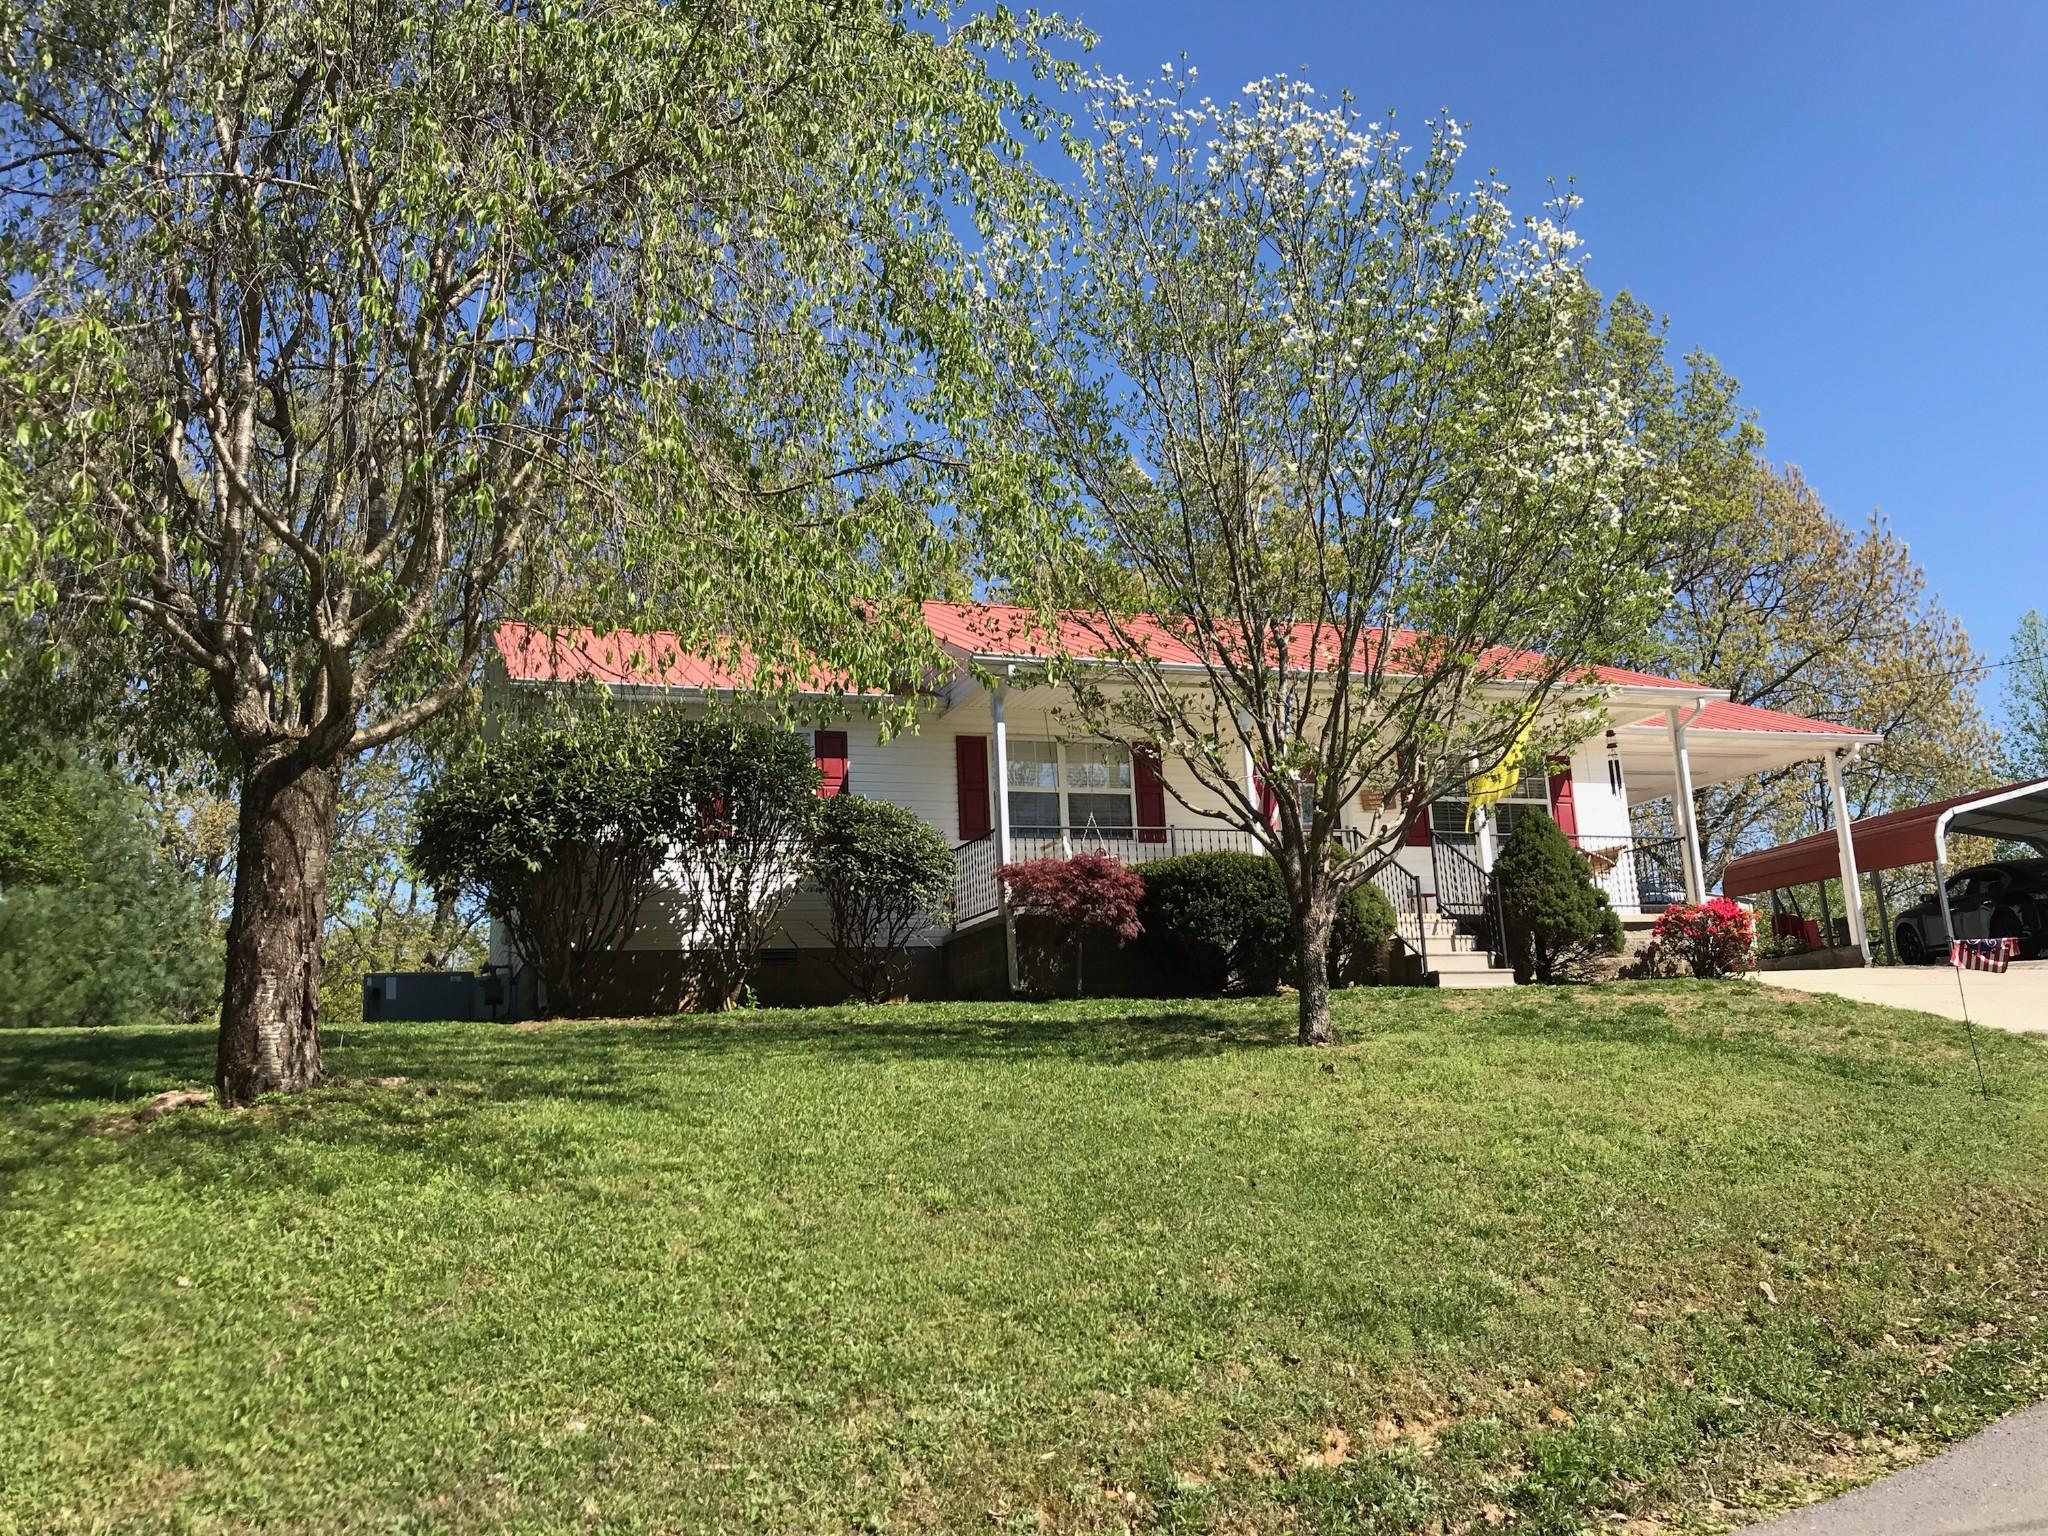 165 Possum Hollow Rd, Dowelltown, TN 37059 - Dowelltown, TN real estate listing